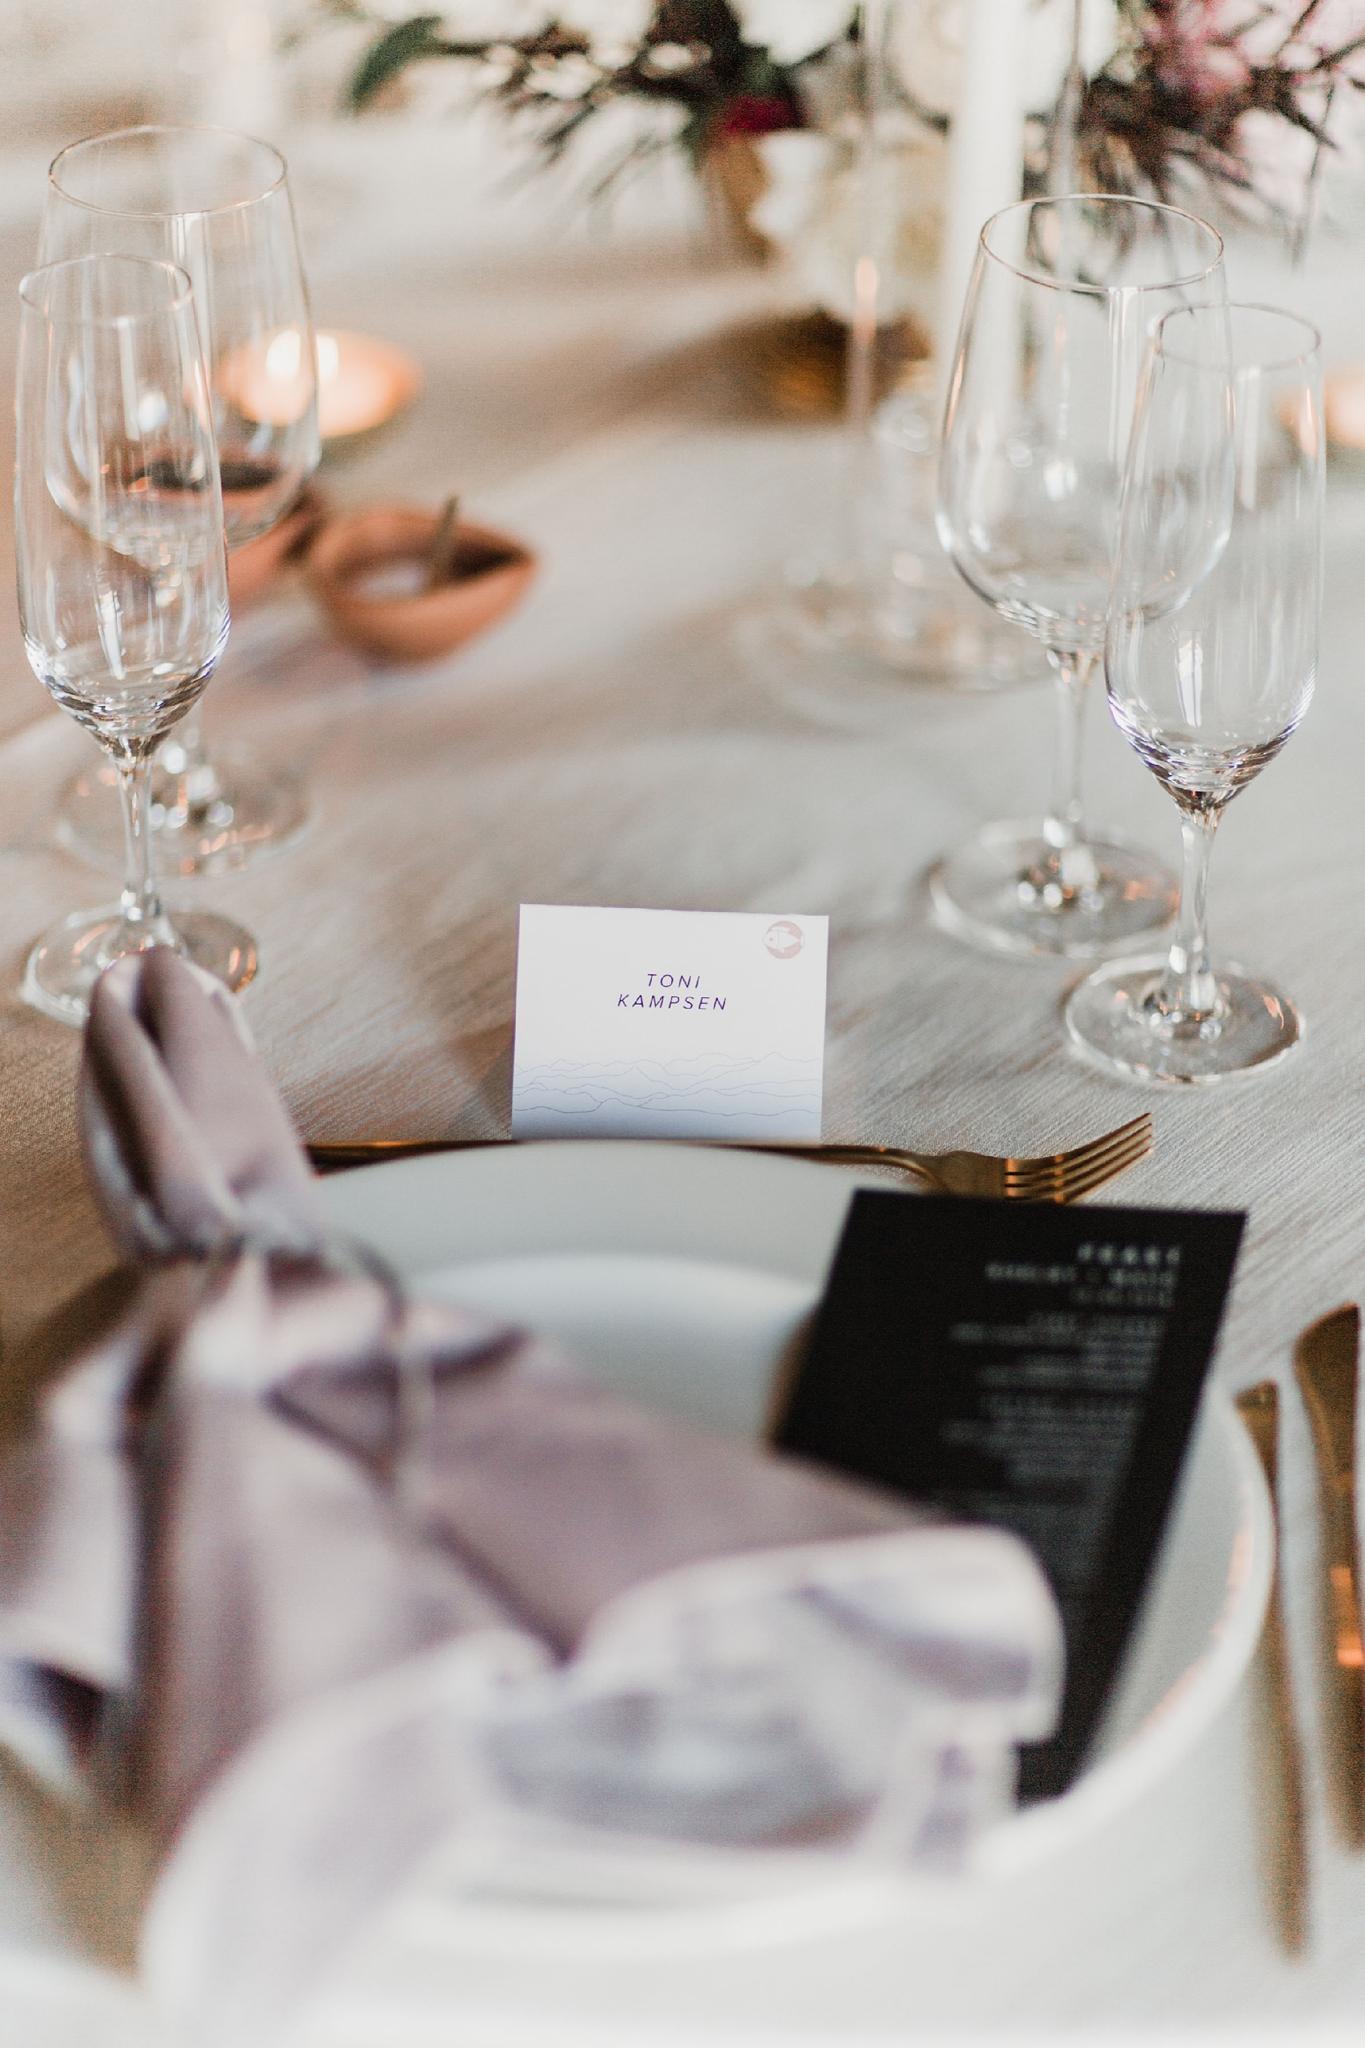 Alicia+lucia+photography+-+albuquerque+wedding+photographer+-+santa+fe+wedding+photography+-+new+mexico+wedding+photographer+-+new+mexico+wedding+-+wedding+-+winter+wedding+-+wedding+reception+-+winter+wedding+reception_0002.jpg